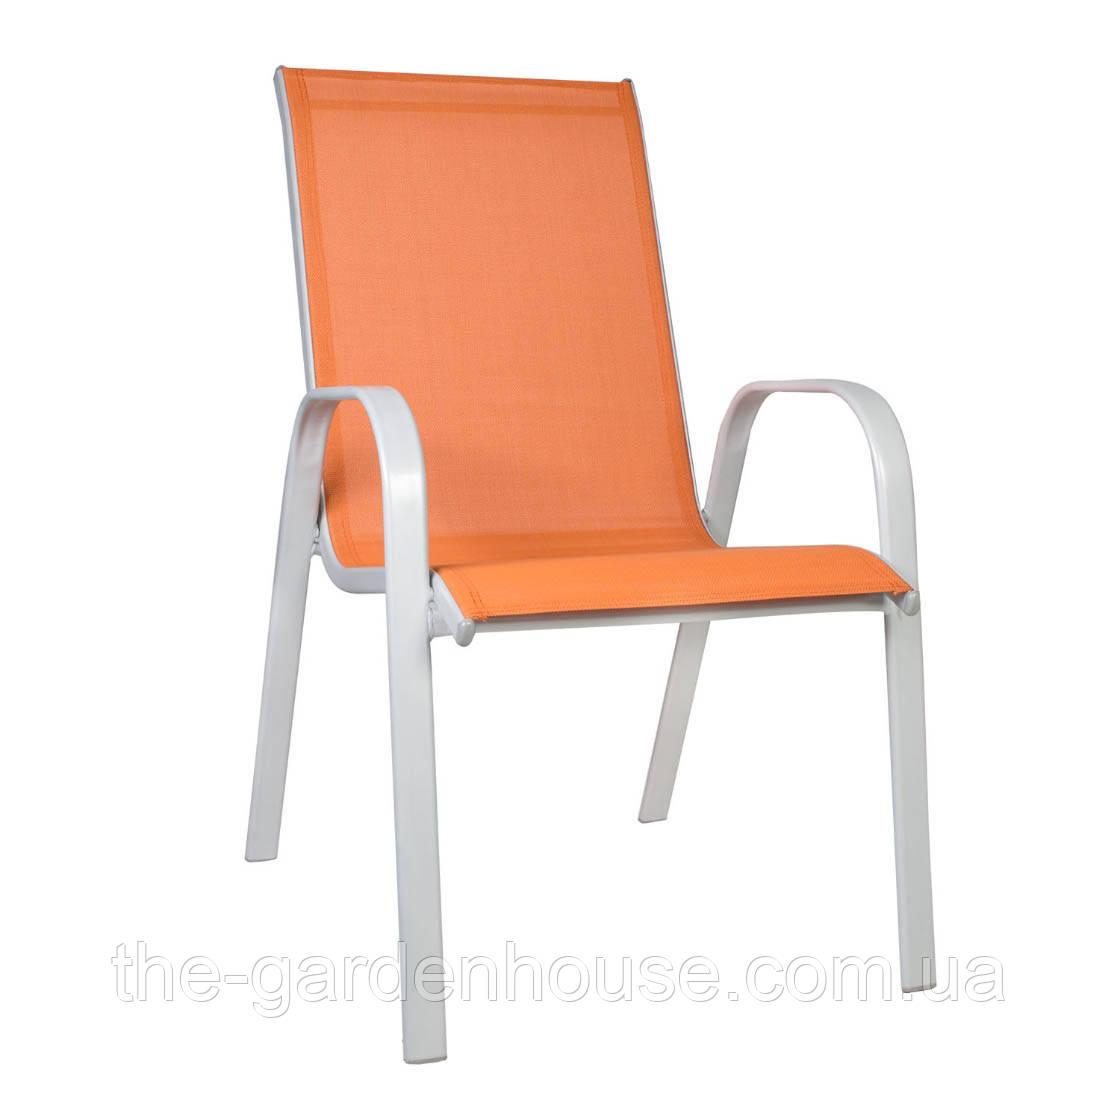 Стул с подлокотниками Detroit из текстилена оранжевый